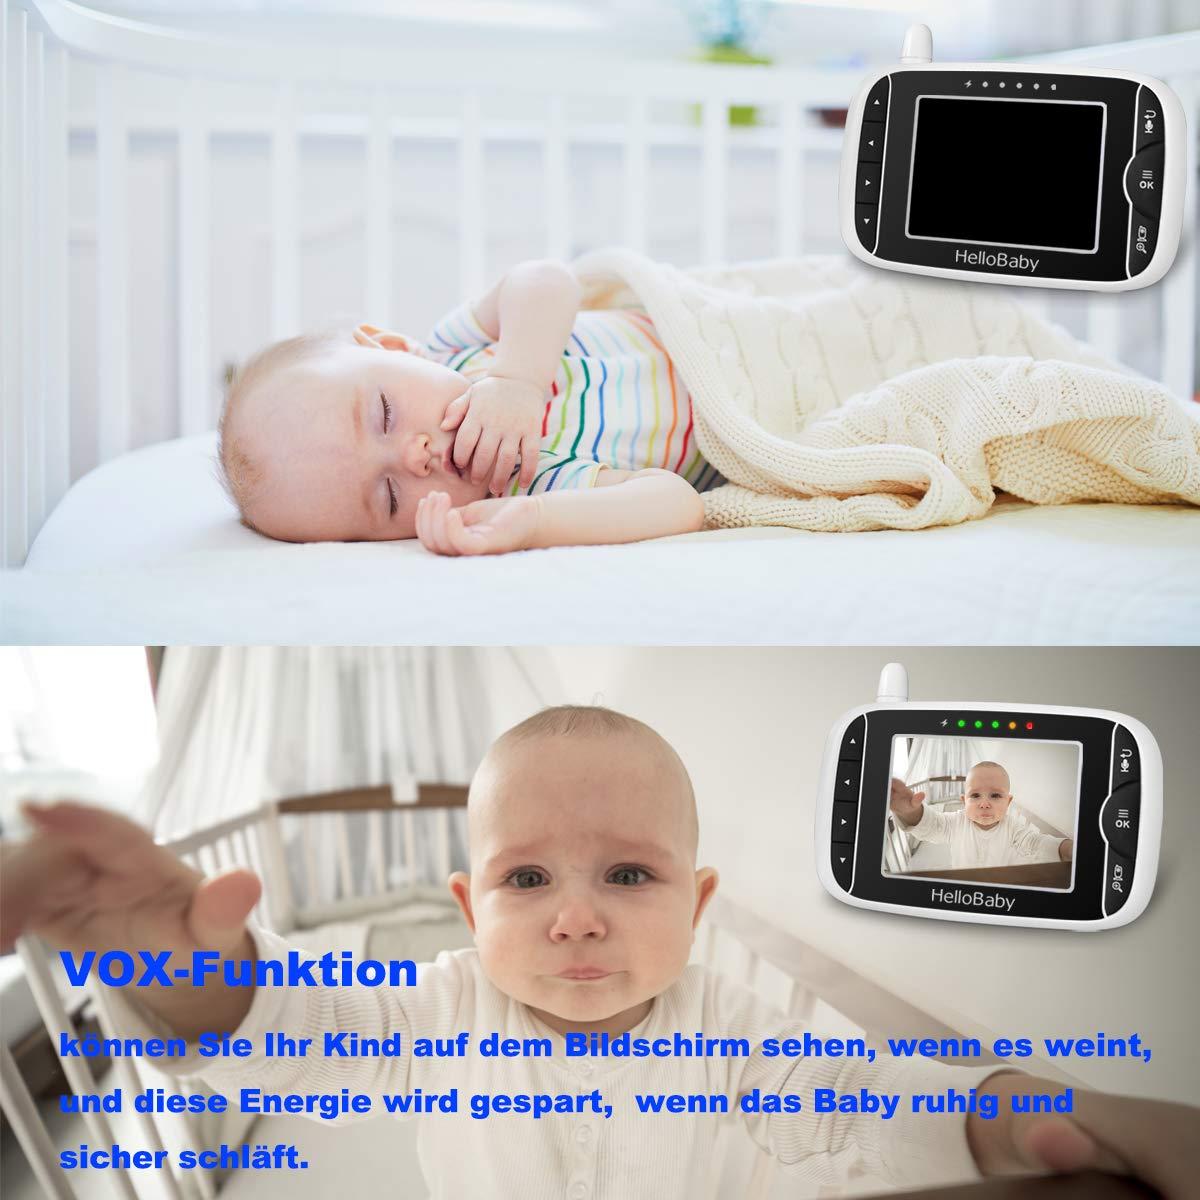 HelloBaby Babyphone mit Kamera Wireless 3.2 LCD Digital Video VOX Funktion Nachtsicht Temperatur/überwachung mit Gegensprechfunktion Babymonitor HB32